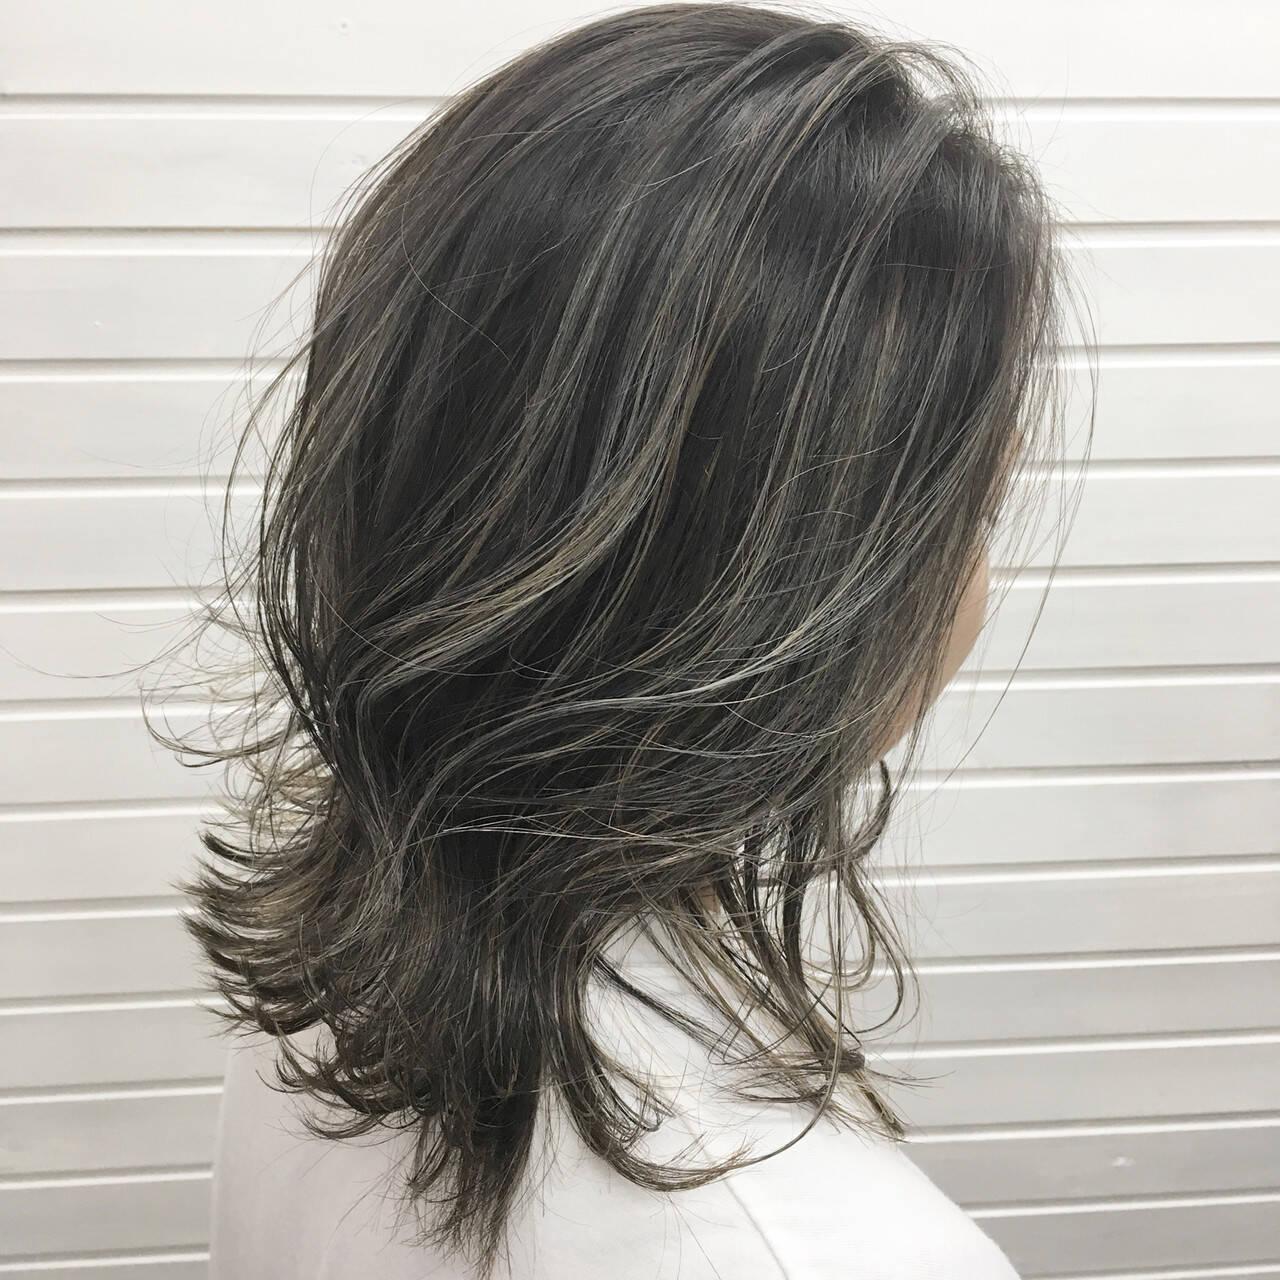 コントラストハイライト ナチュラル ミディアム ハイライトヘアスタイルや髪型の写真・画像